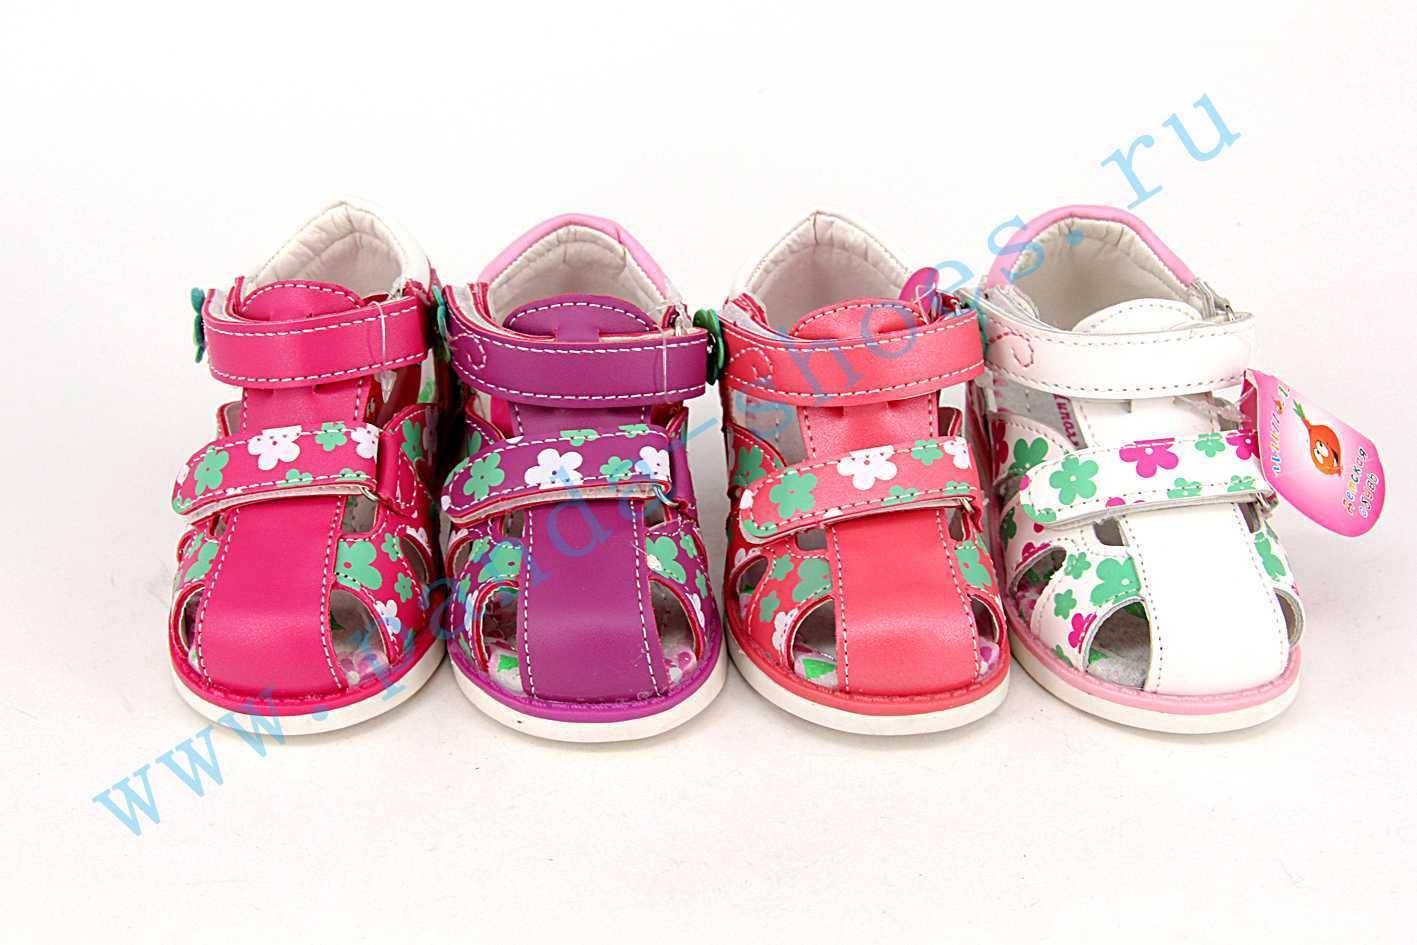 Детская обувь на все сезоны по приемлемым ценам, большой размерный ряд, отличное качество, огромный выбор моделей. выкуп 1.